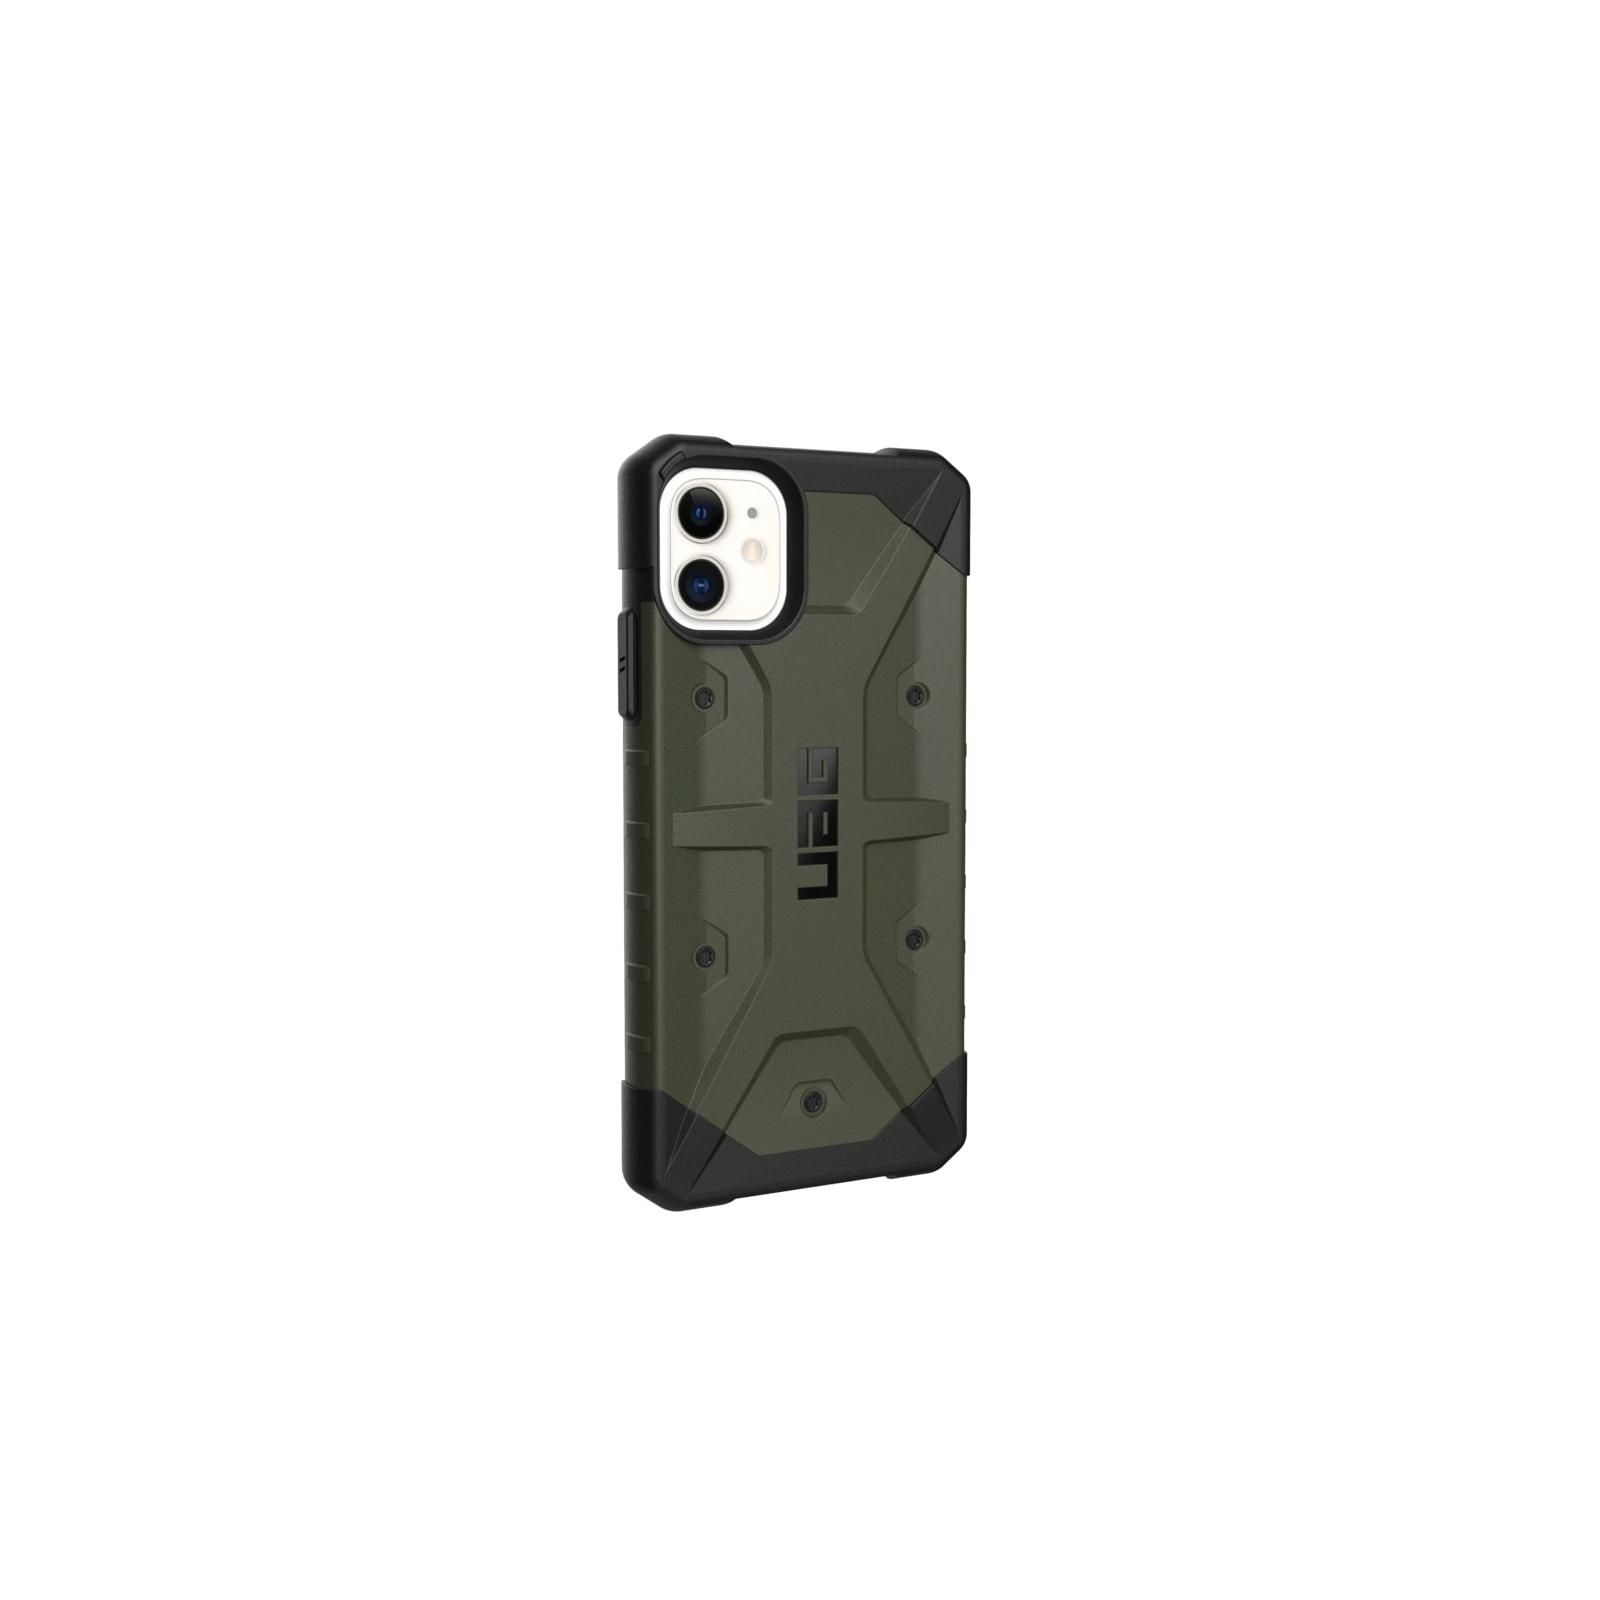 Чехол для моб. телефона Uag iPhone 11 Pathfinder, Black (111717114040) изображение 2